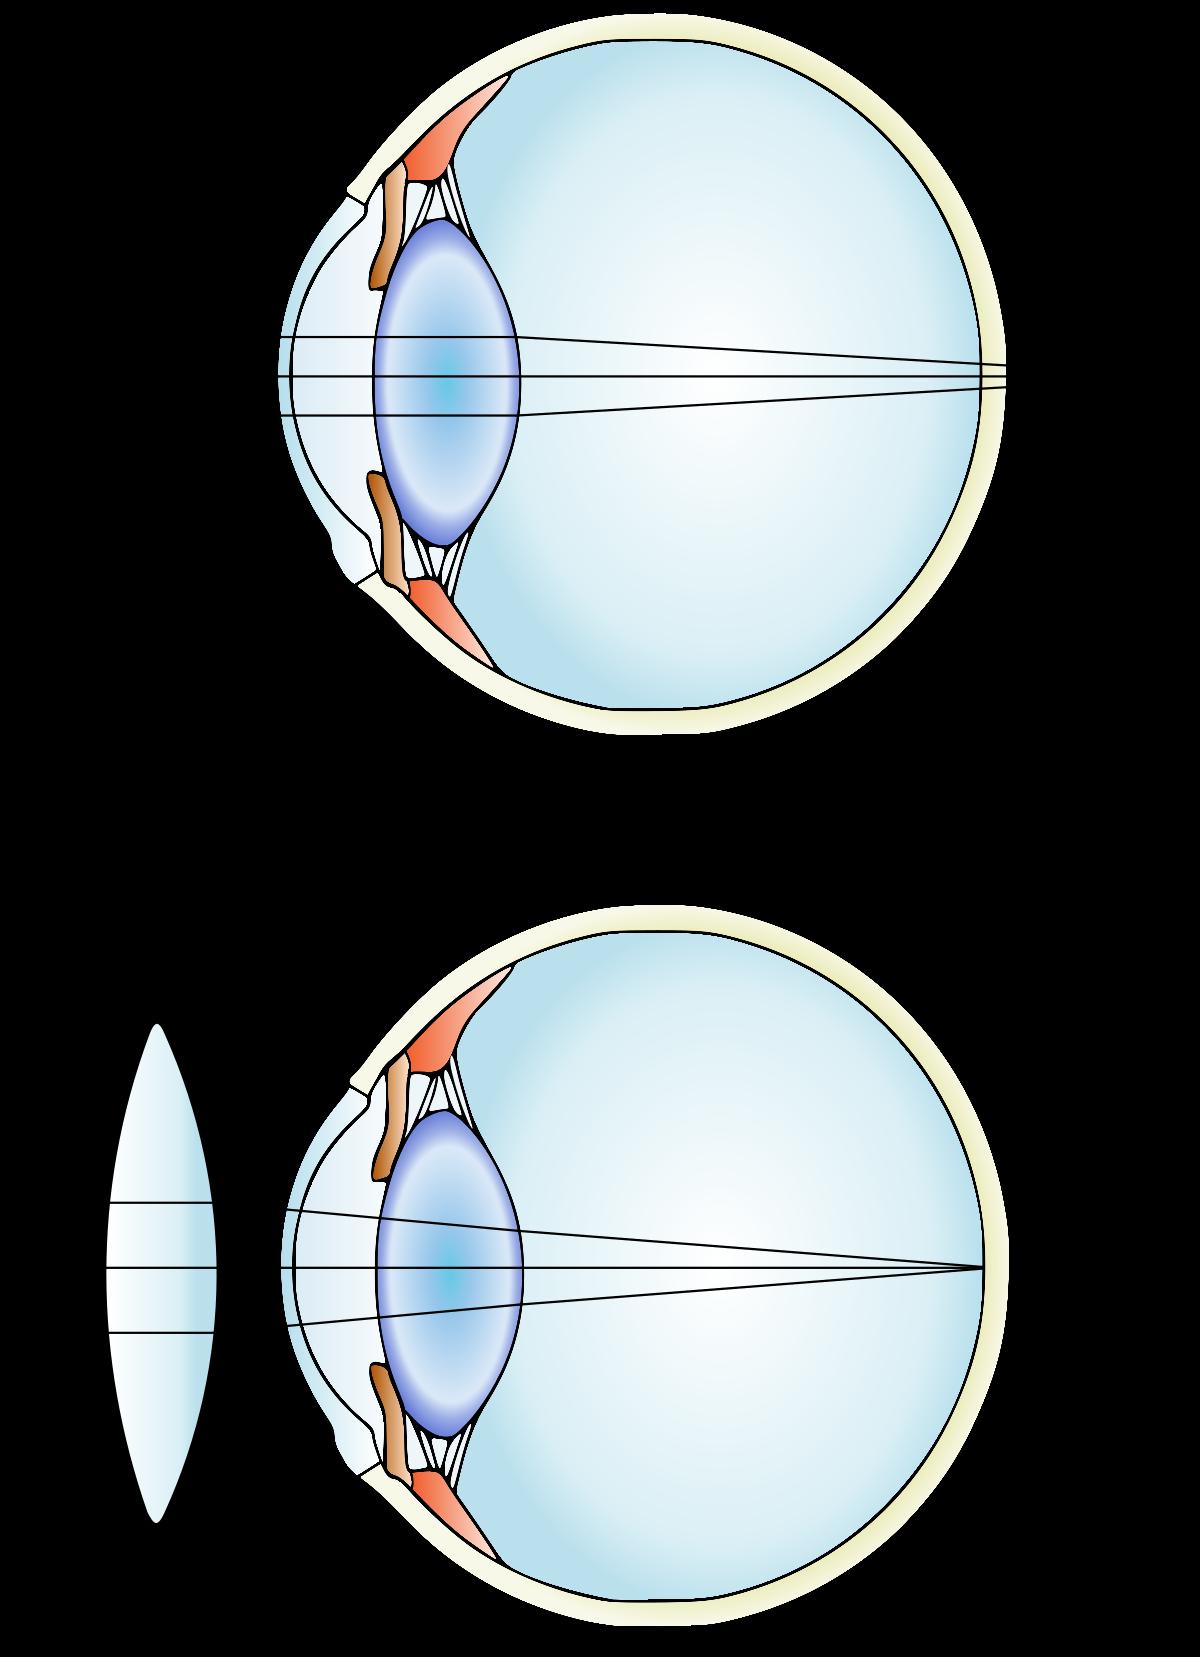 plusz 3 a myopia vagy a hyperopia